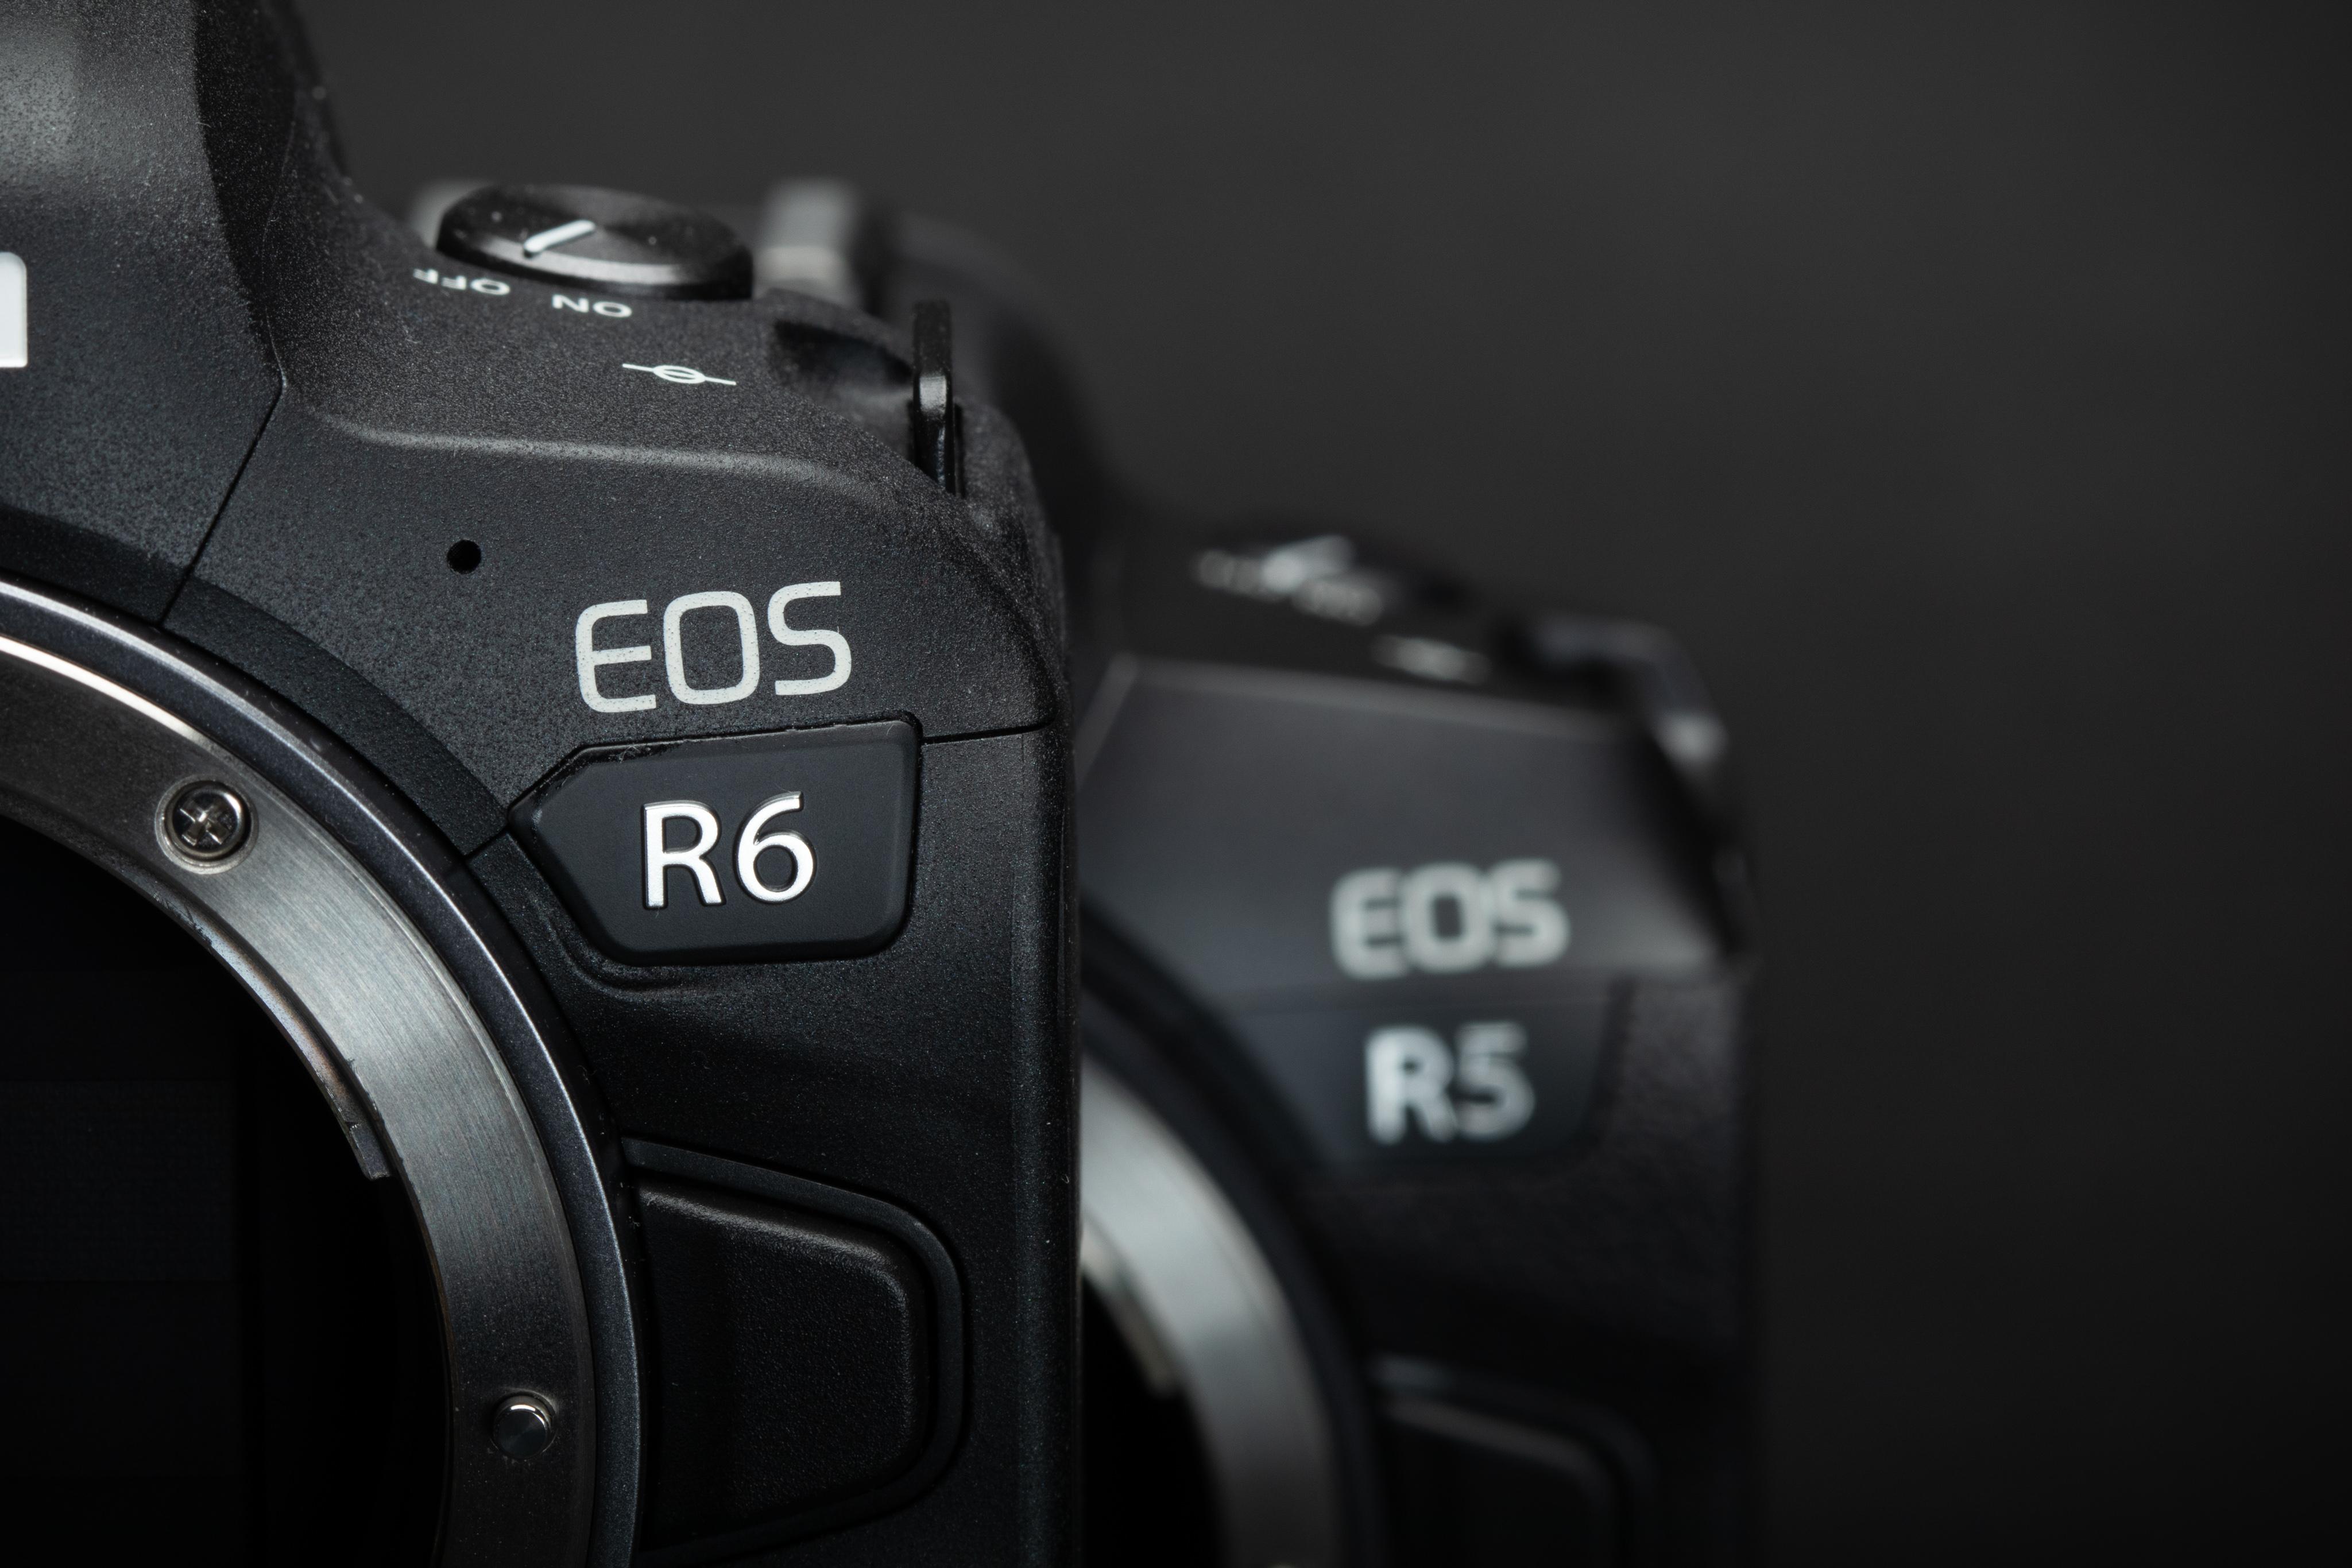 R6 eos